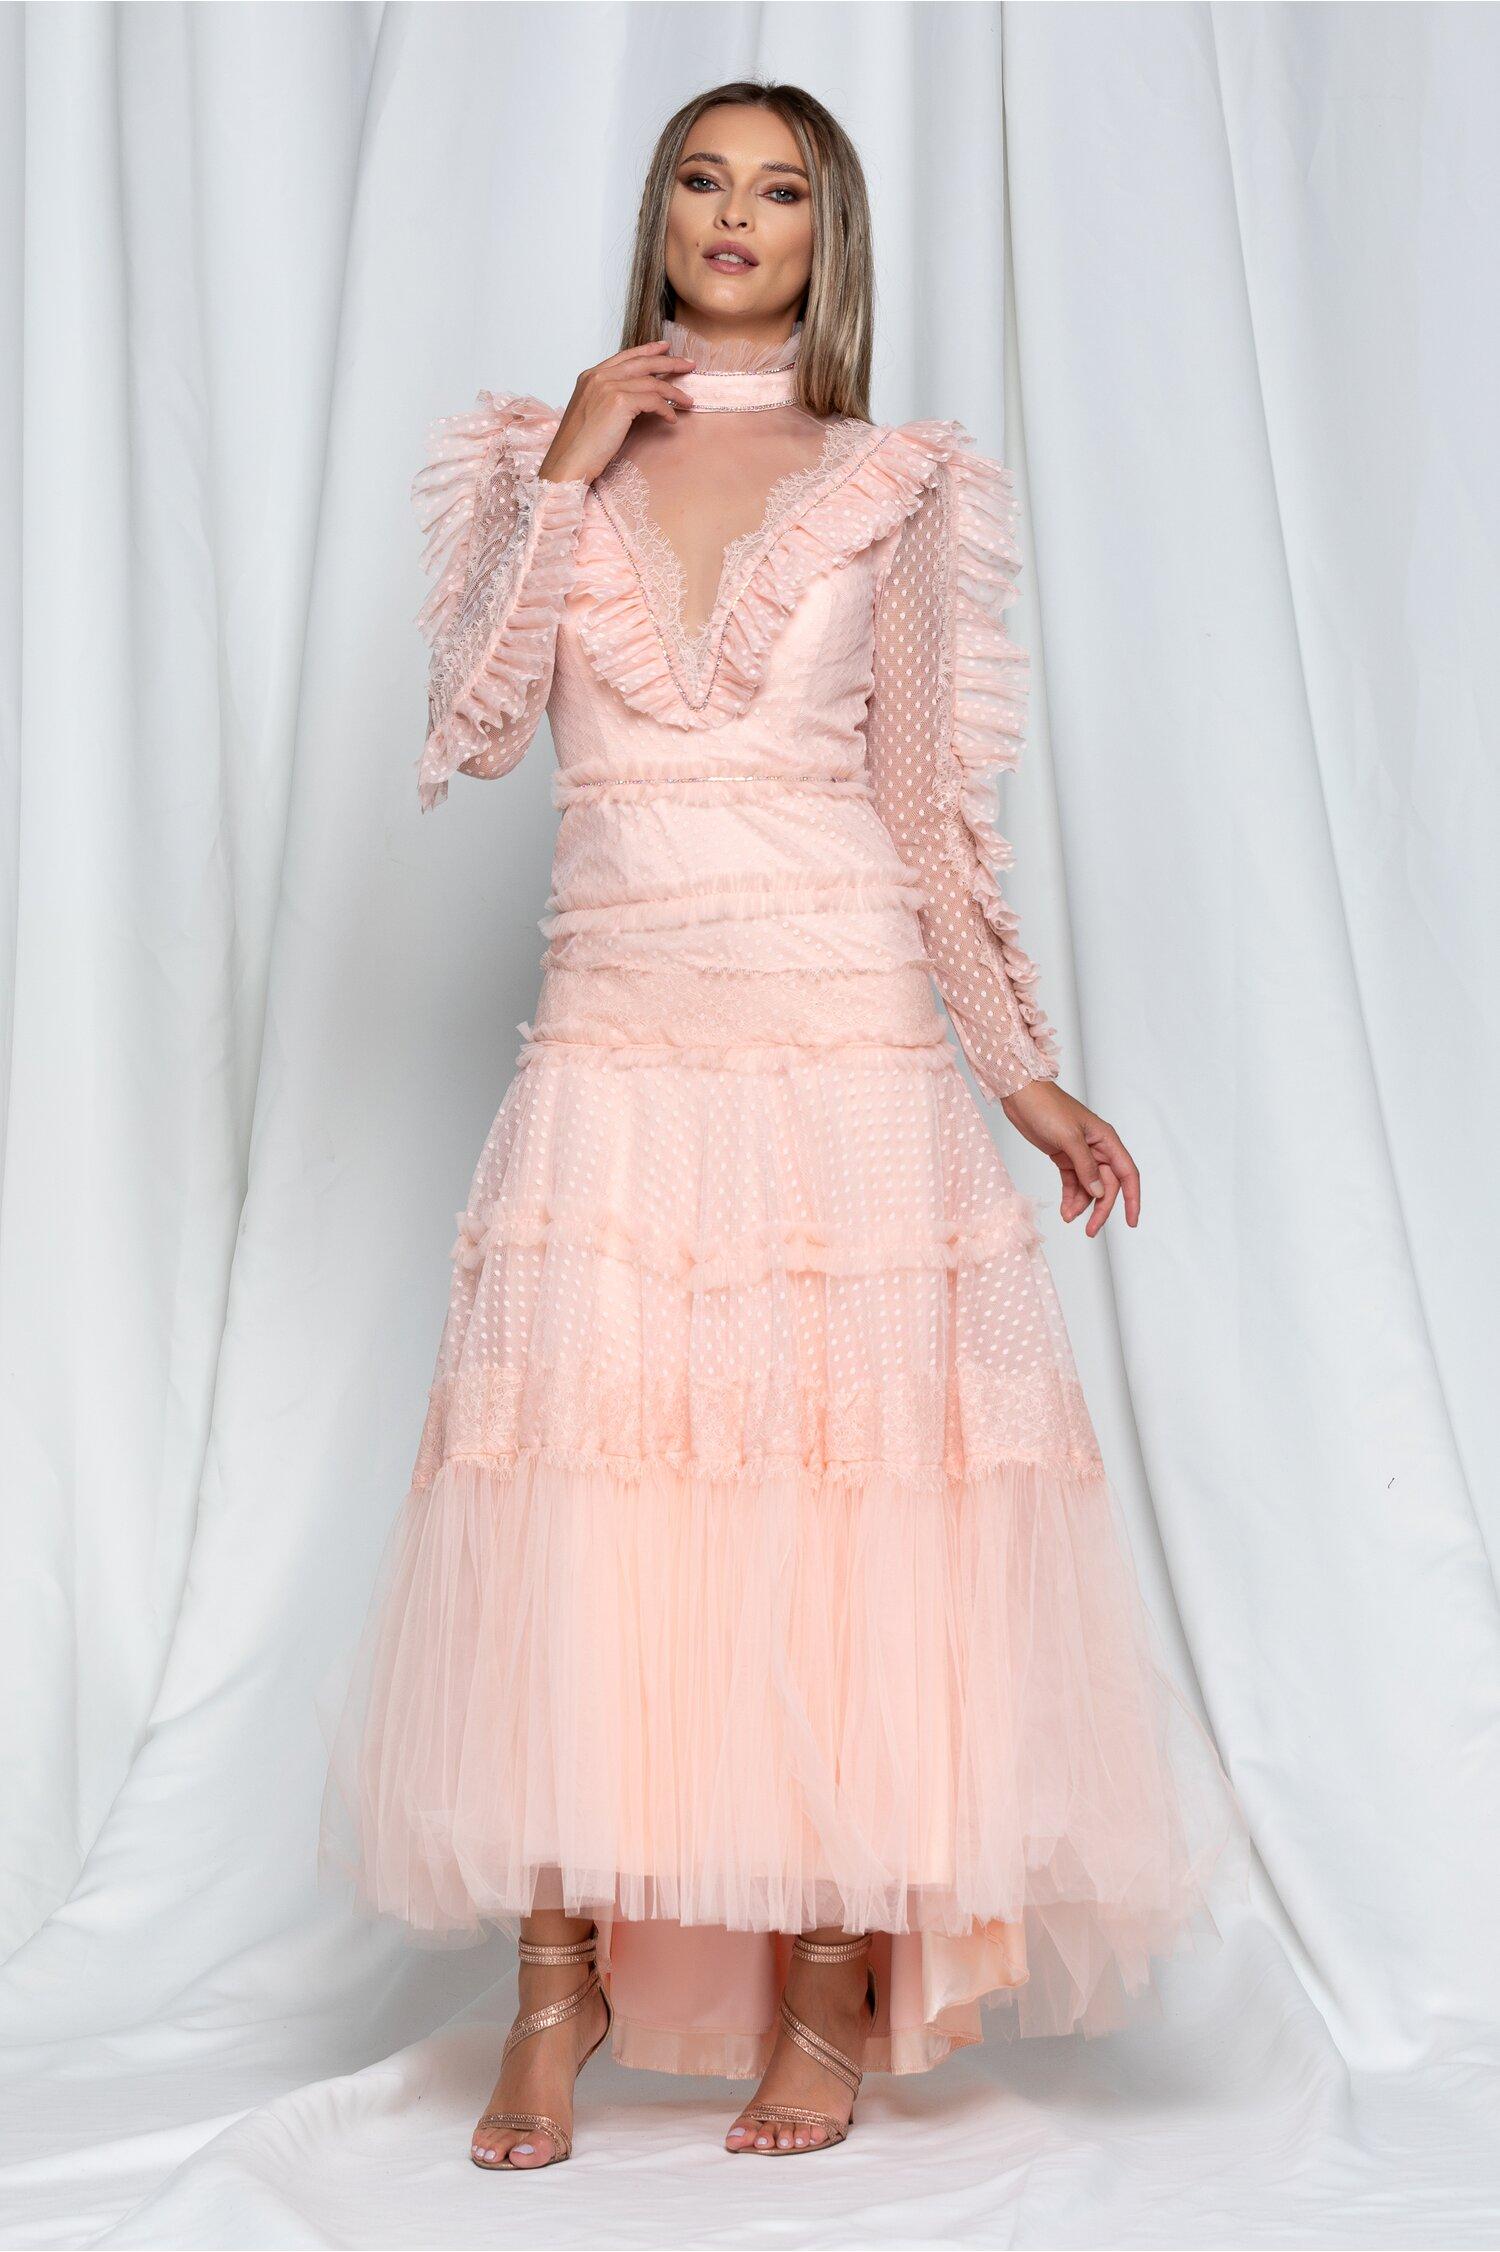 Rochie Daria lunga roz piersica din tulle cu volanase din dantela